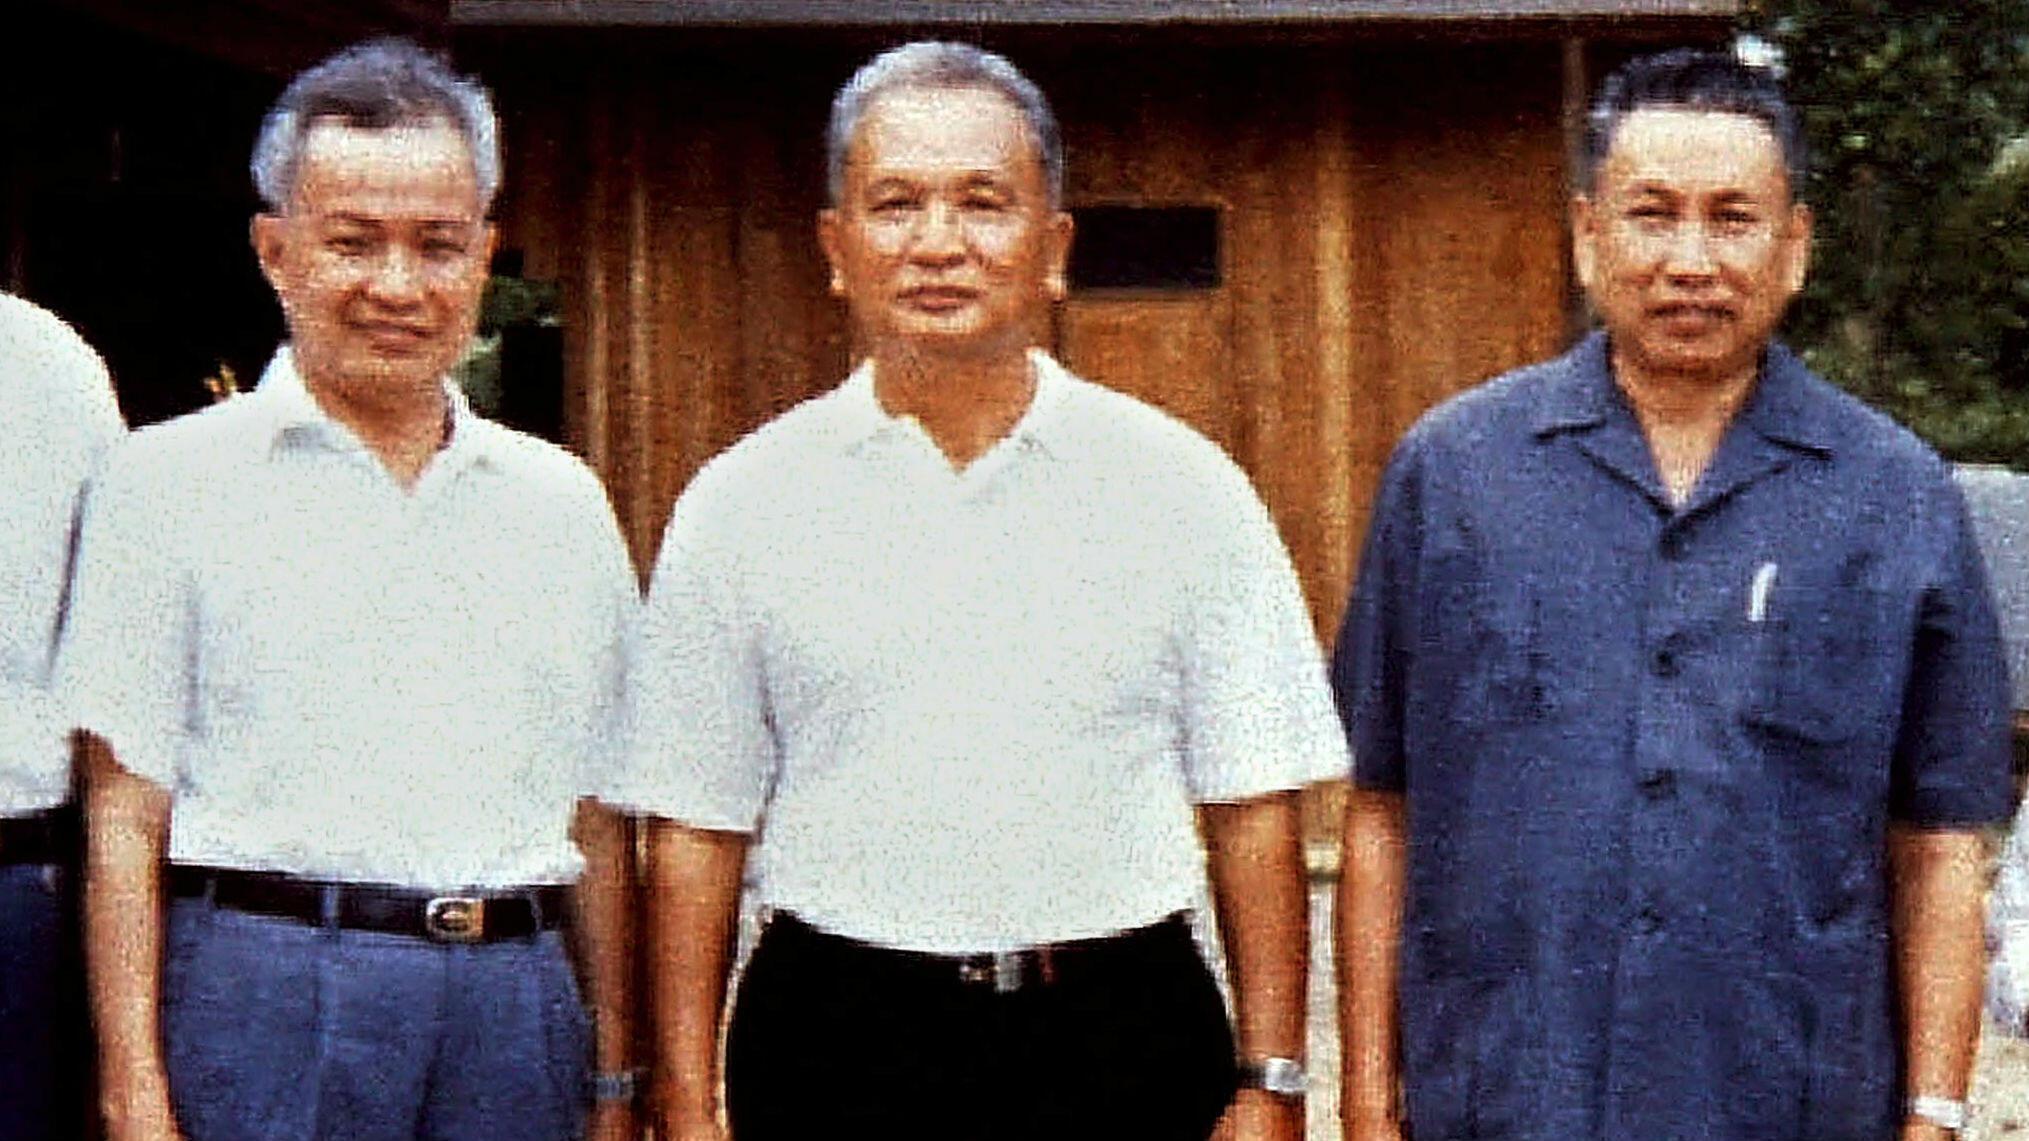 Dos de los principales líderes guerrilleros jemeres rojos, Khieu Samphan y Nuon Chea, se muestran en esta foto de archivo de enero de 1986, tomada en un campamento en Camboya occidental.